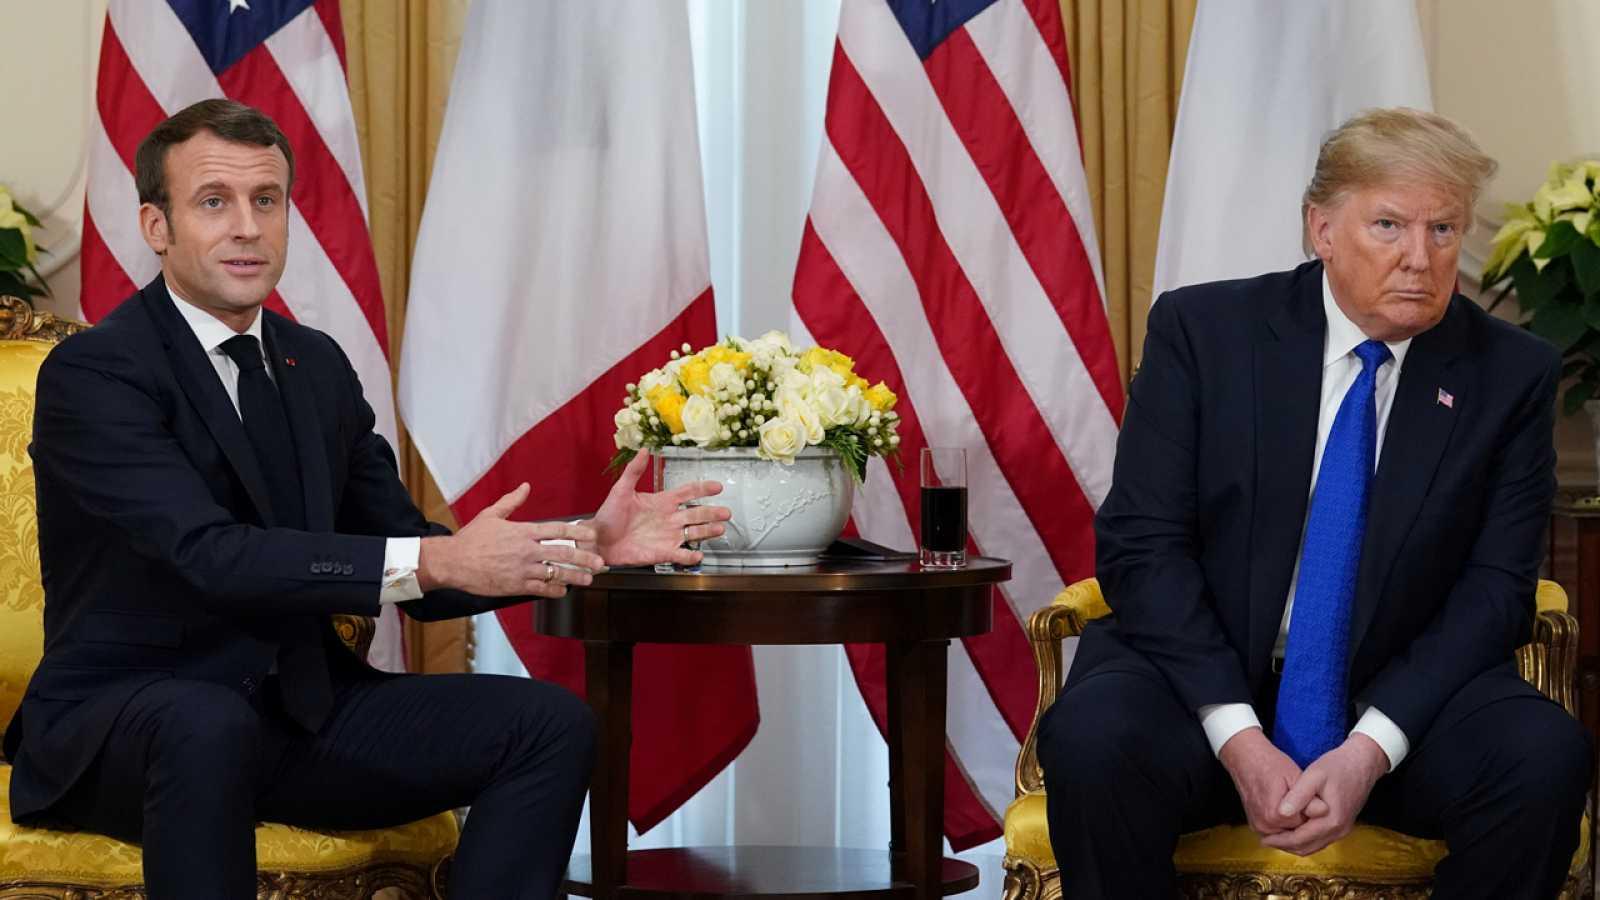 El presidente francés, Emmanuel Macron, con su homólogo estadounidense, Donald Trump, en Londres